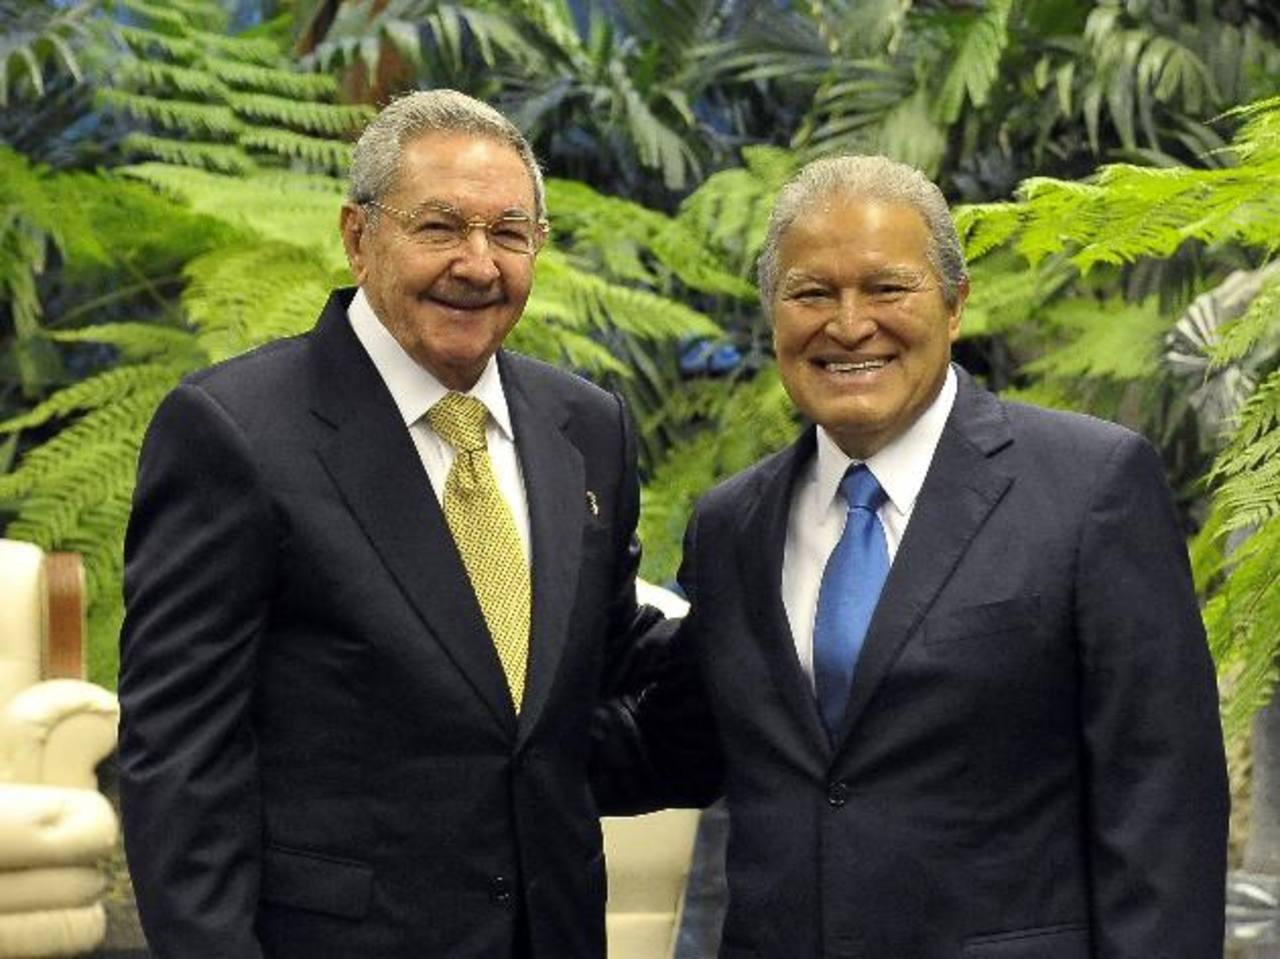 El presidente salvadoreño, Salvador Sánchez Cerén (a la derecha), junto al cubano Raúl Castro.Raúl Castro, de Cuba, y Nicolás Maduro, de Venezuela, se saludan durante la cumbre del Alba. Maduro amenazó con cerrar la embajada de EE. UU. en Caracas.